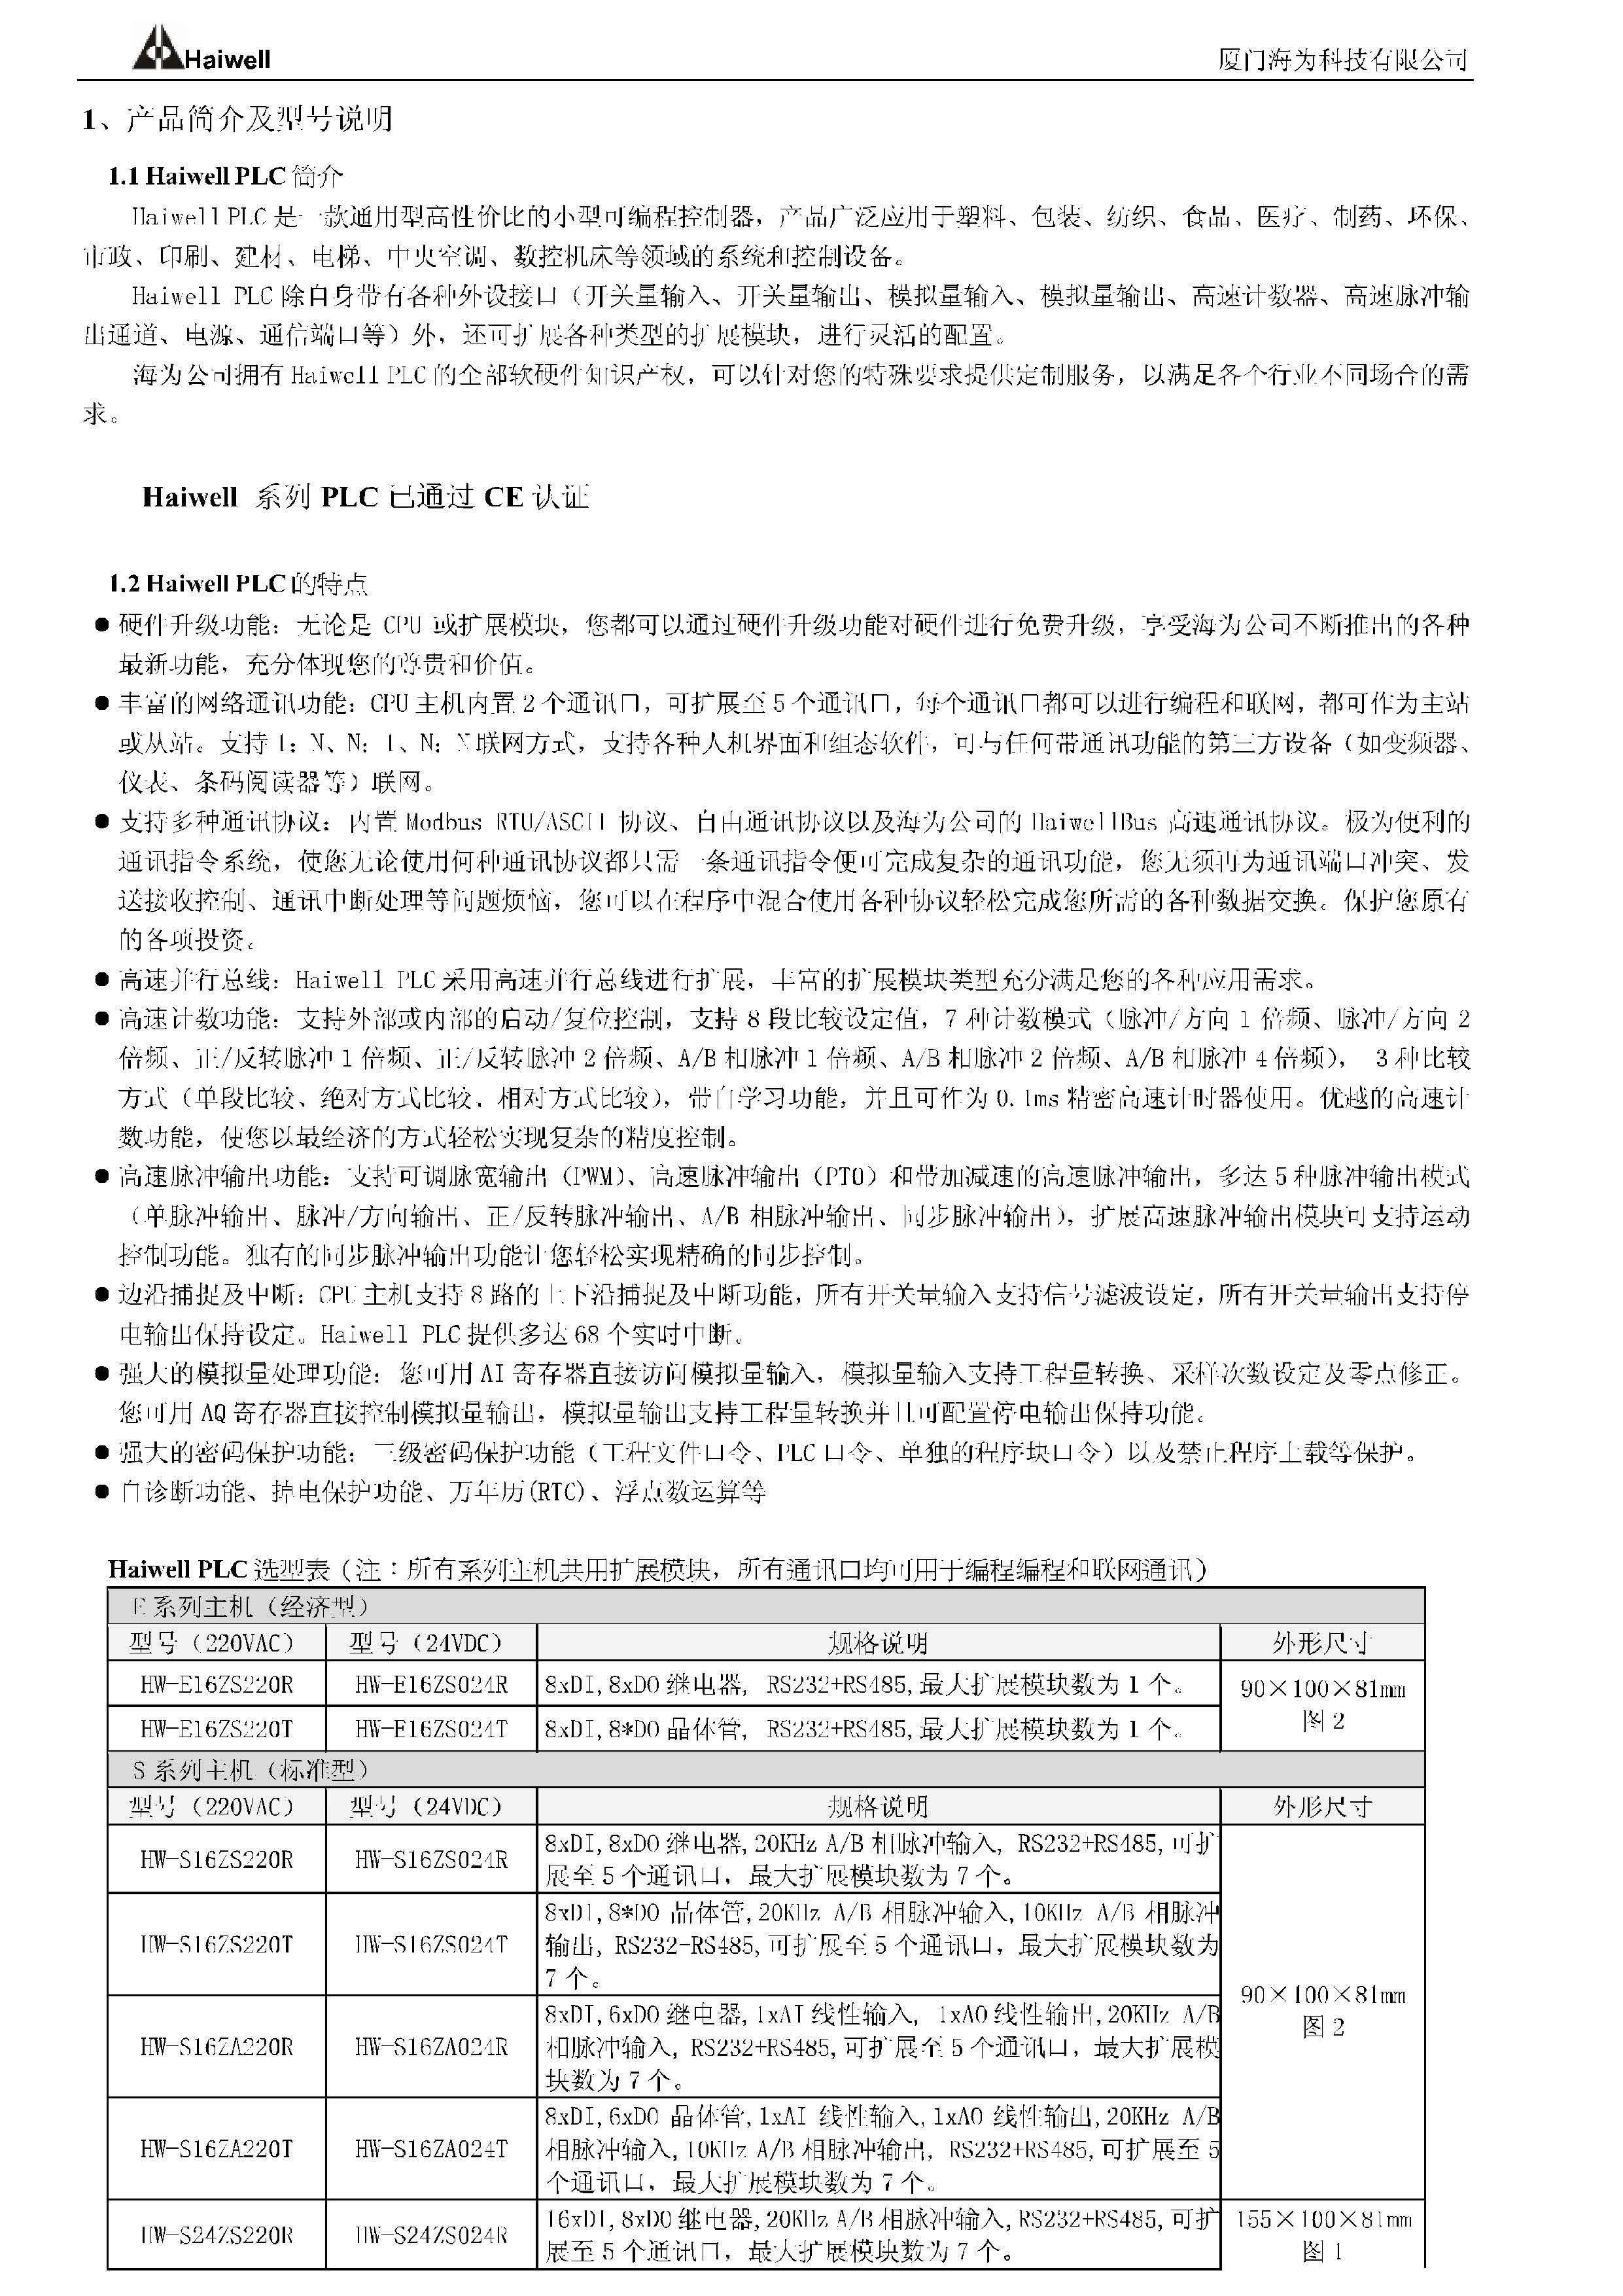 Haiwell_PLC选型手册